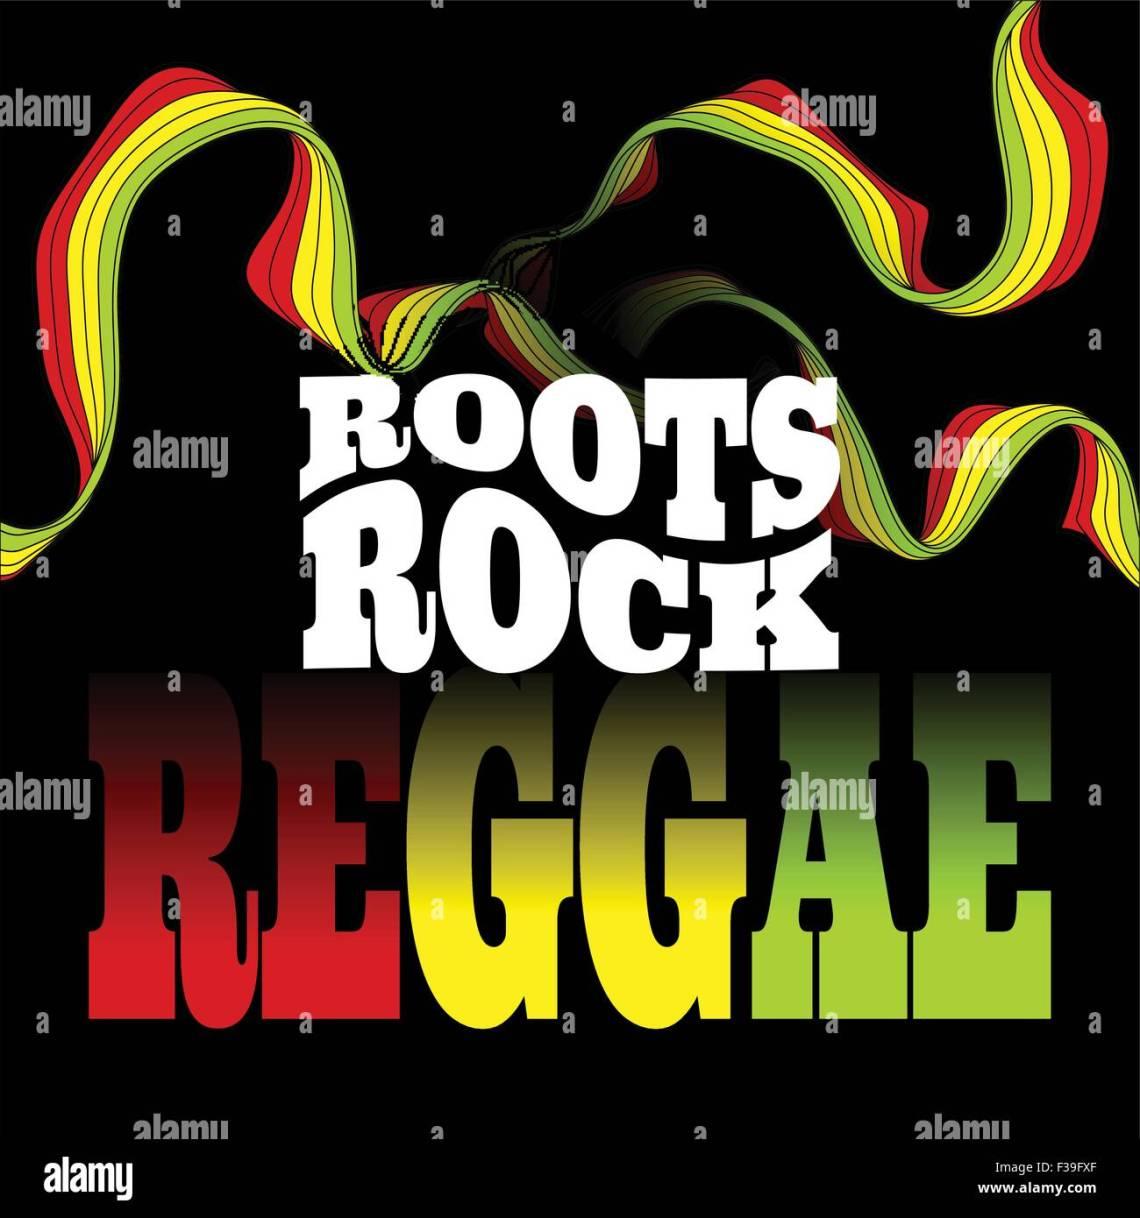 Roots Rock Reggae Musik Design Vektor Illustration